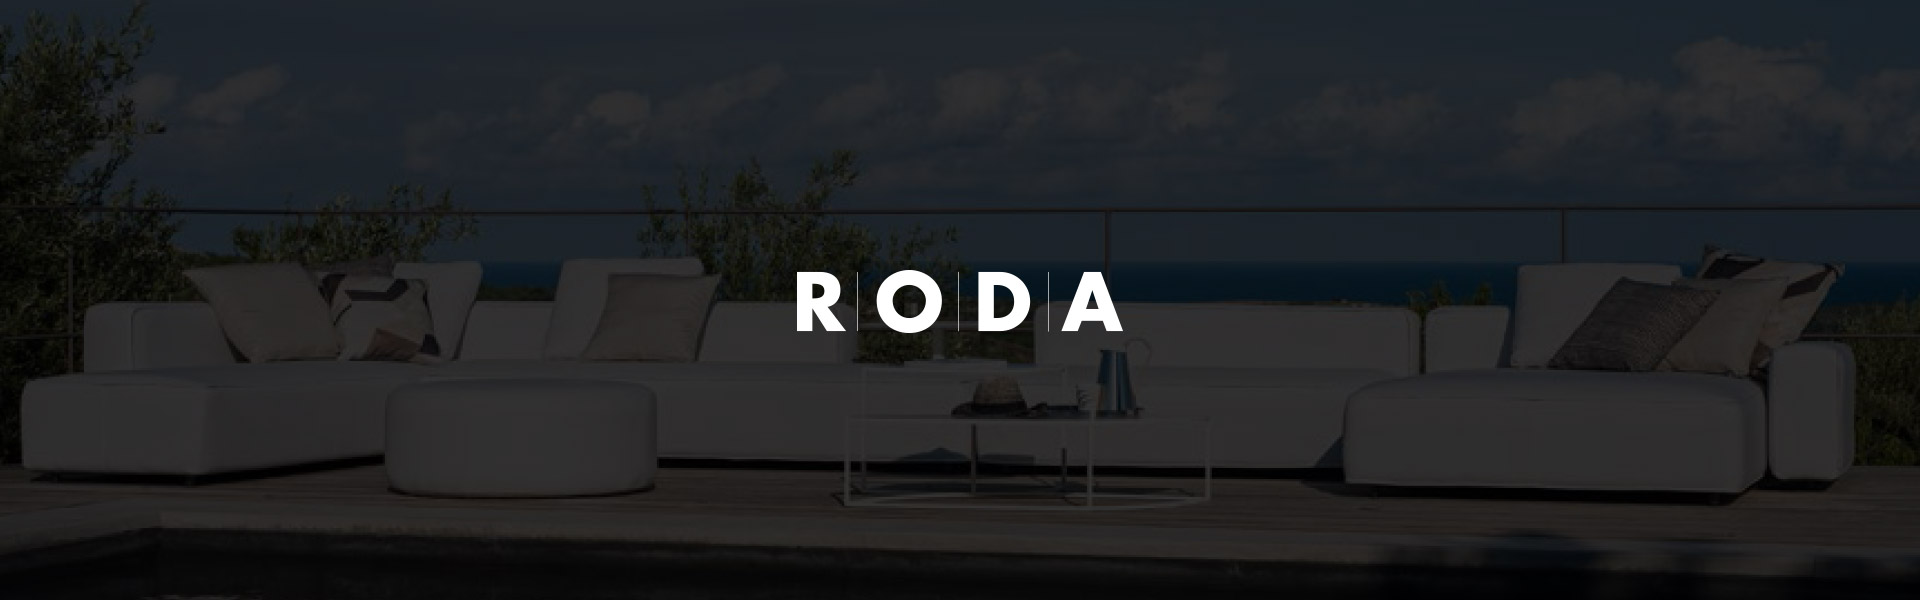 slide-brand-roda_02